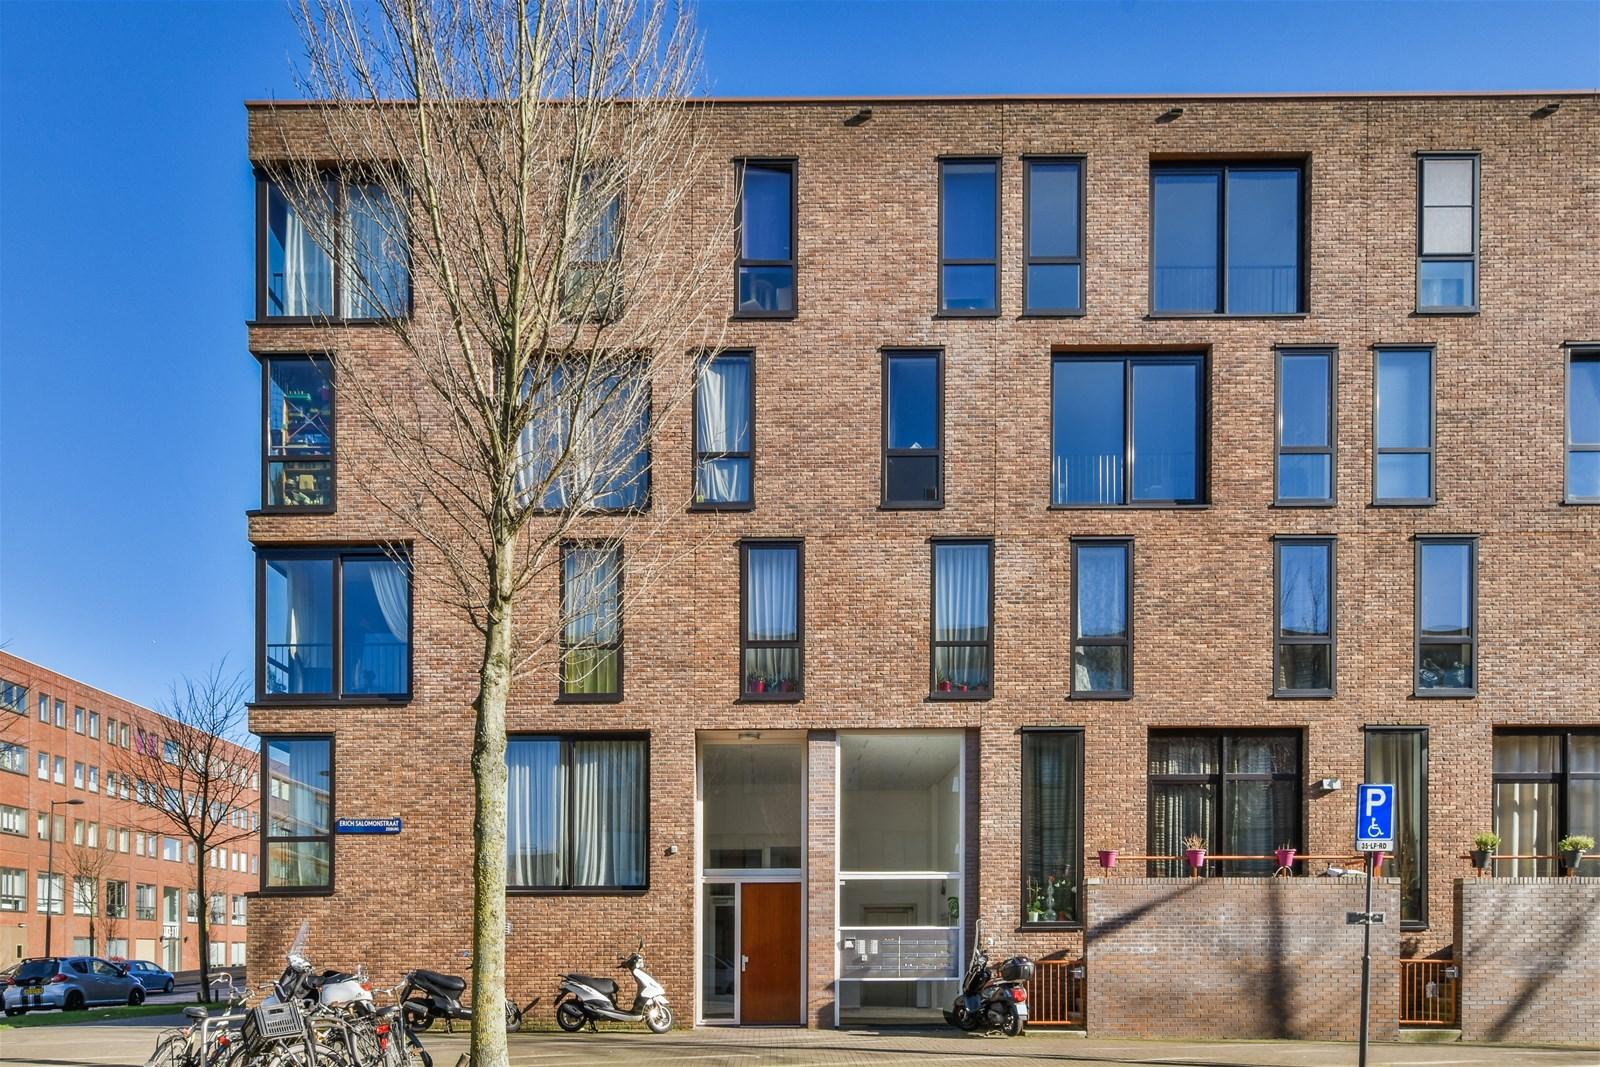 Wonen In Ijburg : Erich salomonstraat amsterdam ijburg west vhm makelaars